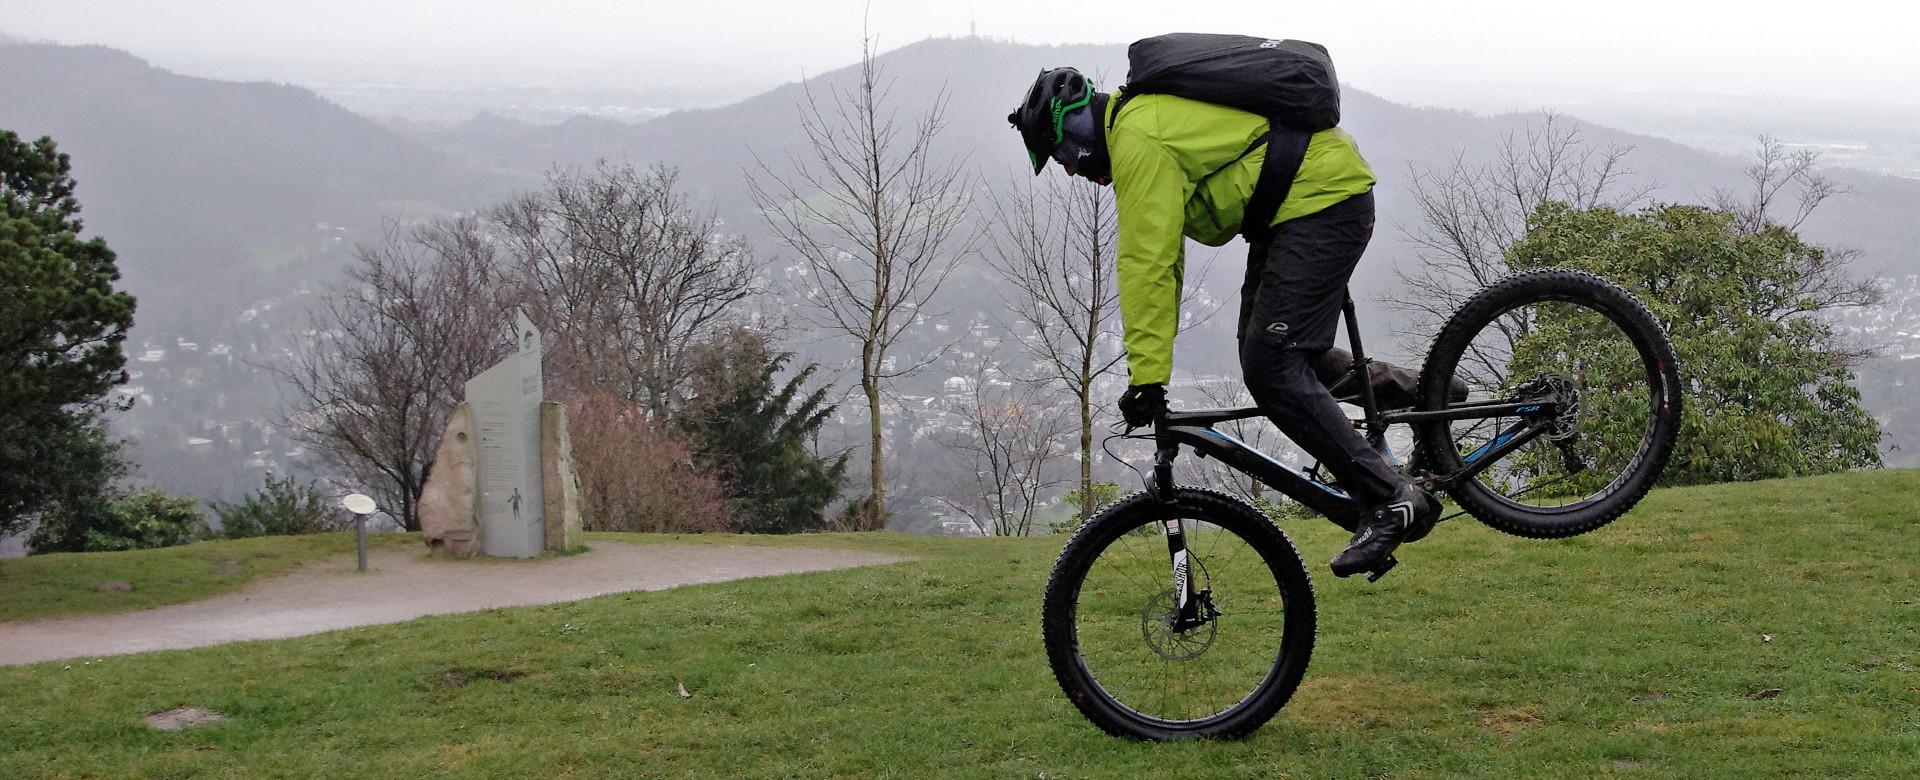 E-Bike Stoppie